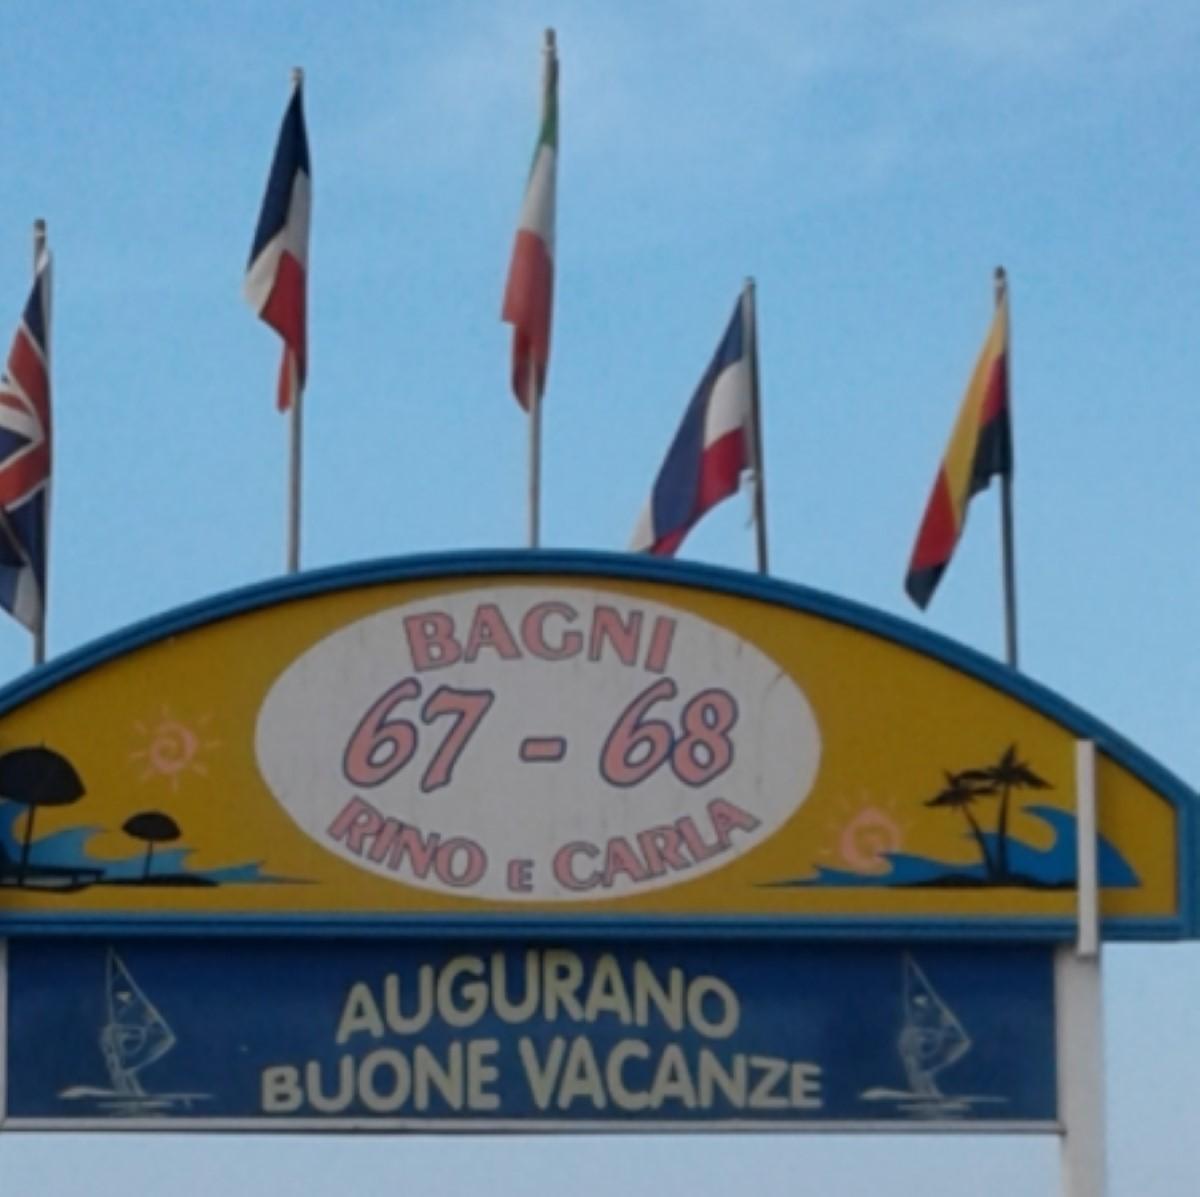 Bagno 67-68 Rino & Carla